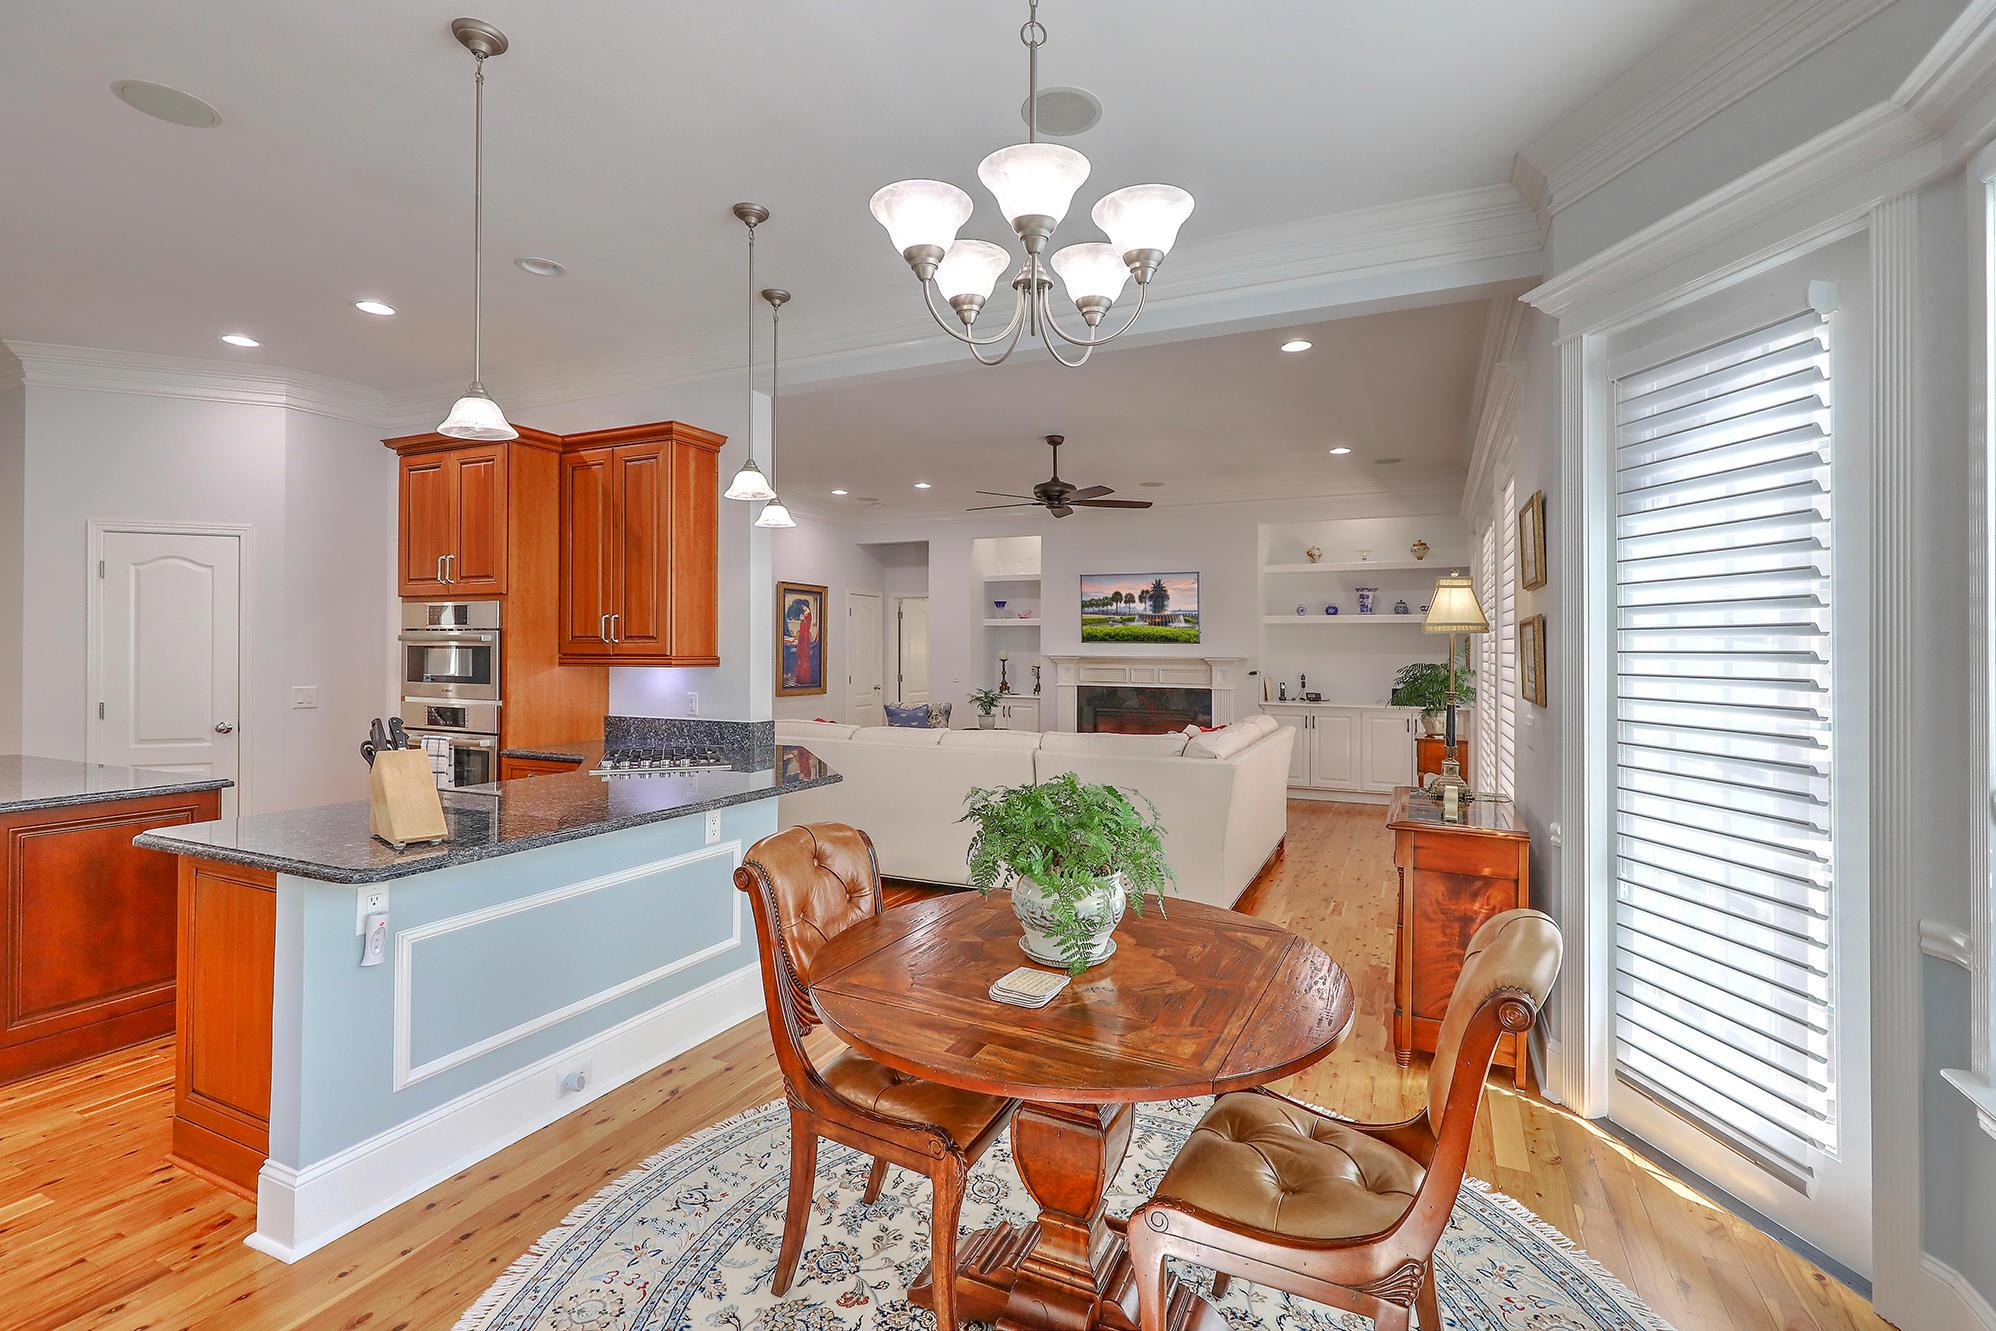 Park West Homes For Sale - 2108 Malcolm, Mount Pleasant, SC - 27